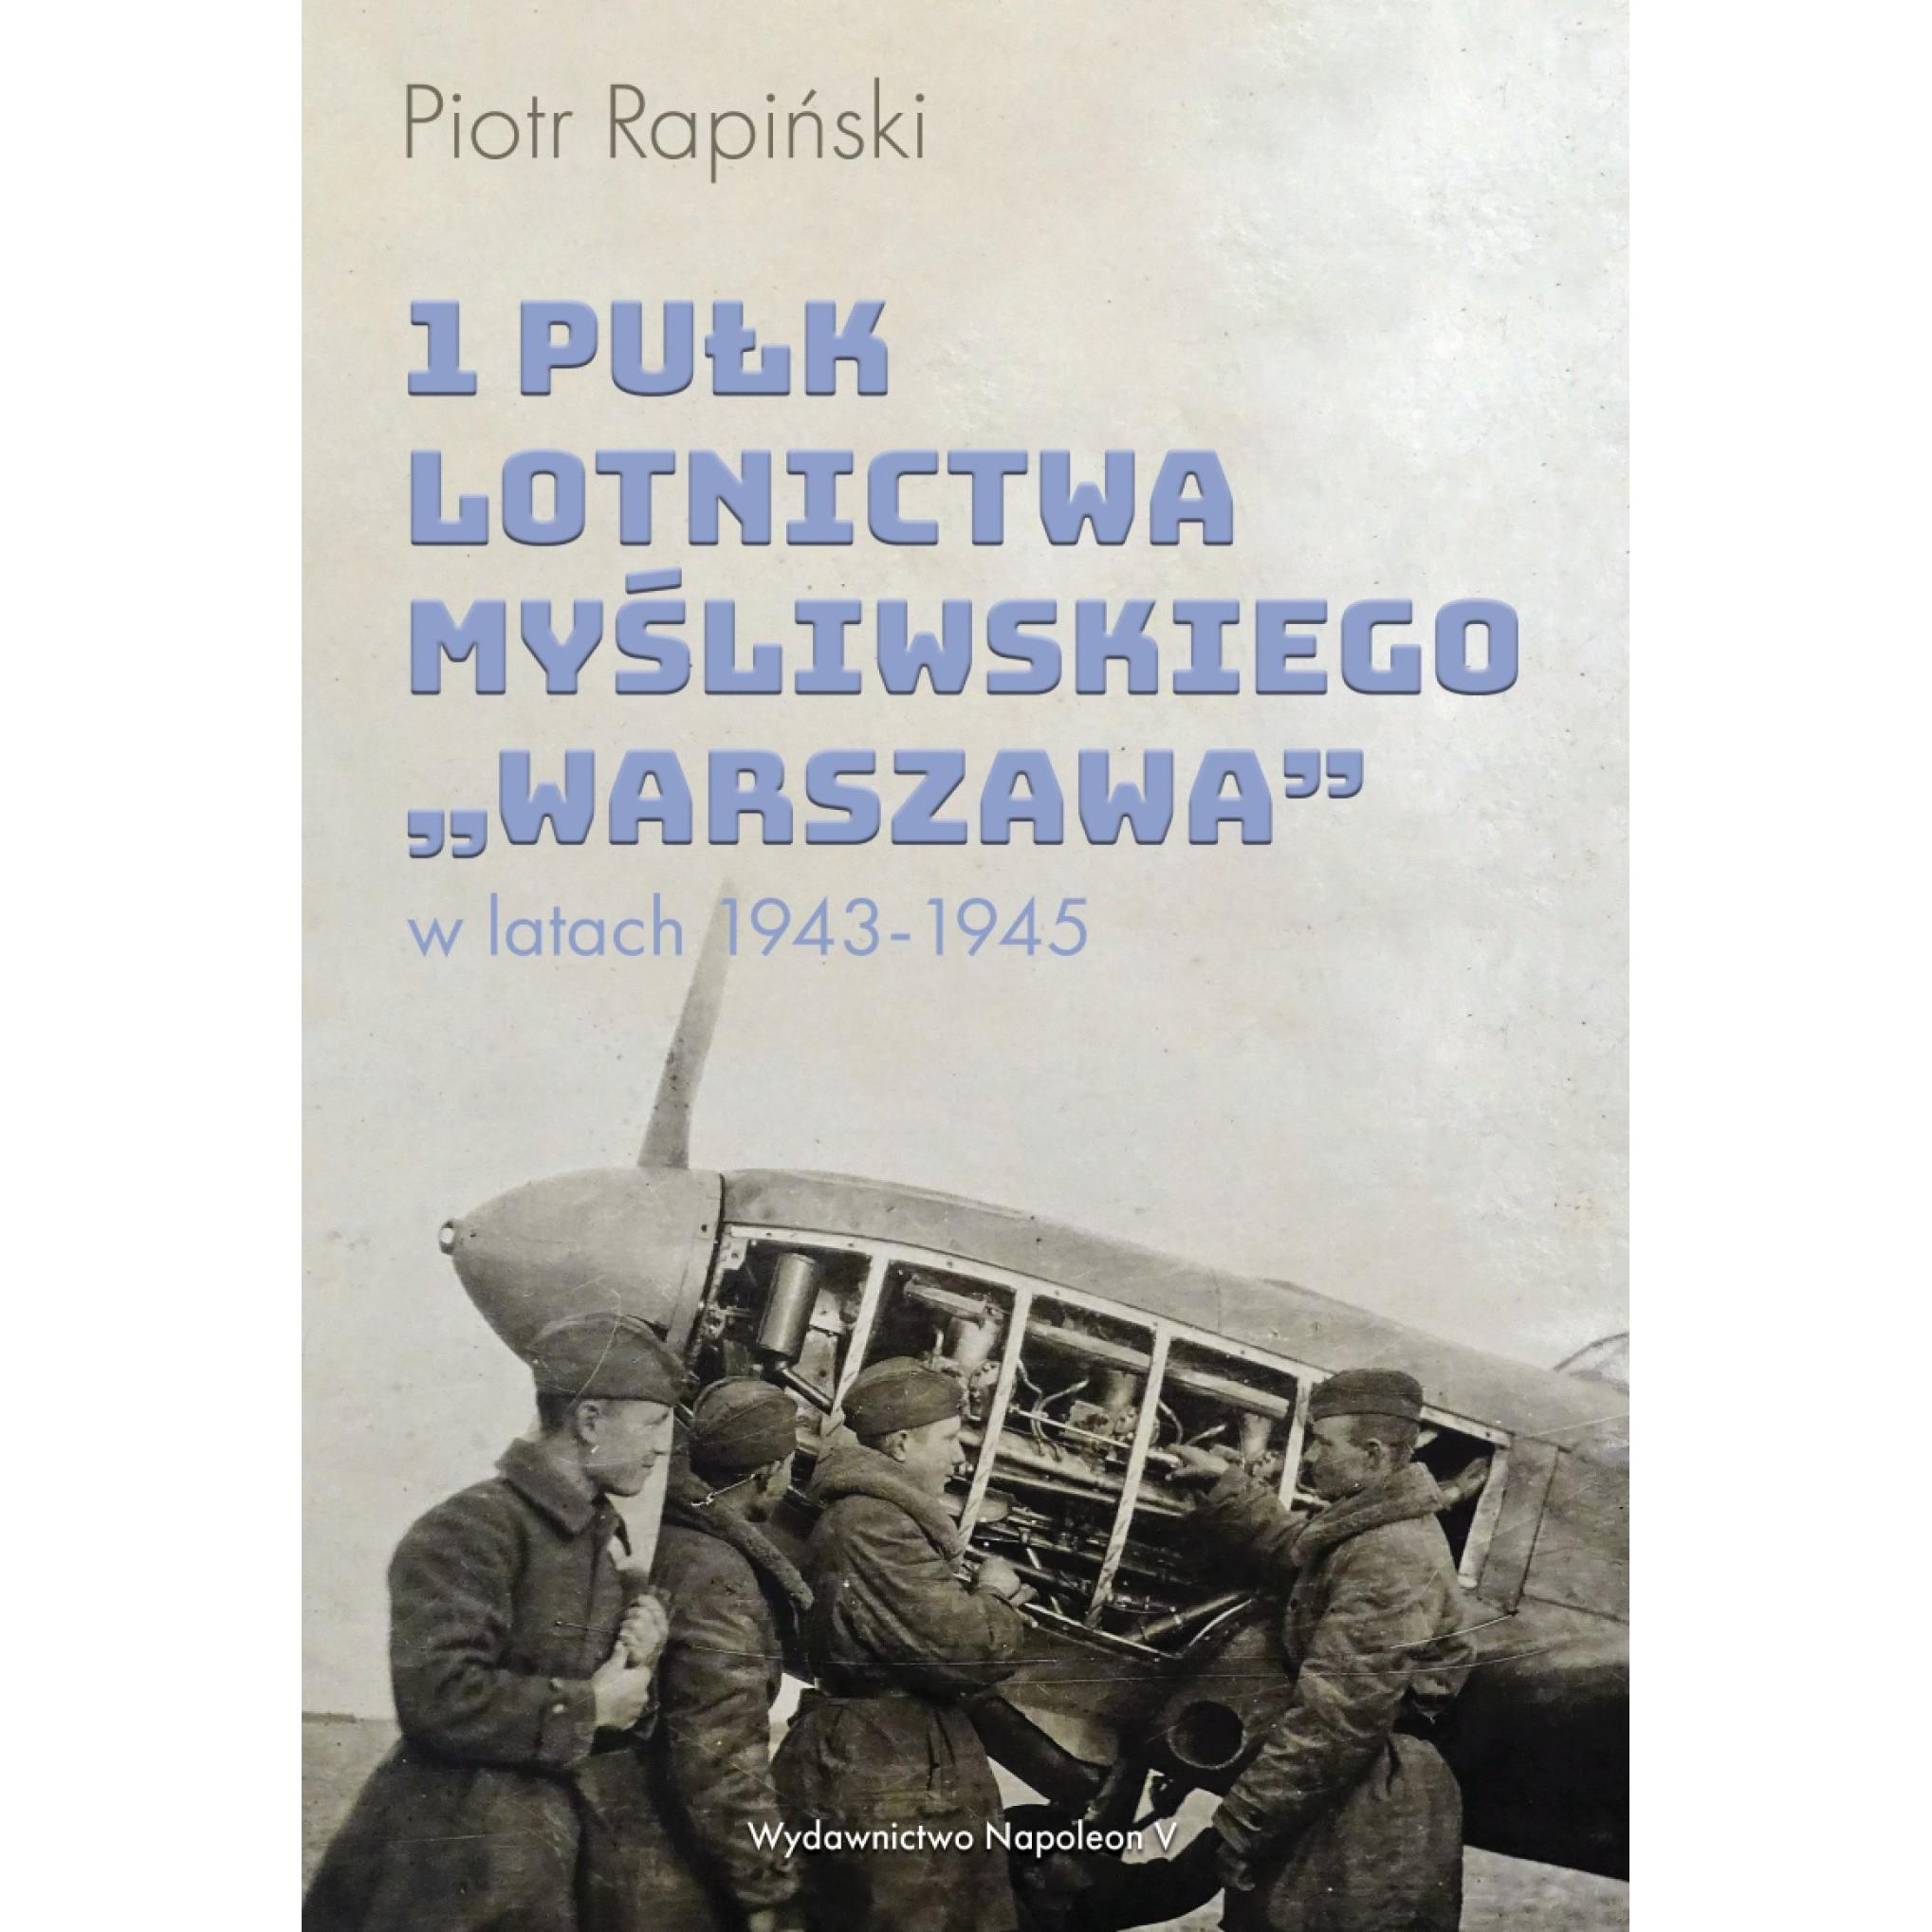 1 Pułk Lotnictwa Myśliwskiego Warszawa w latach 1943-1945